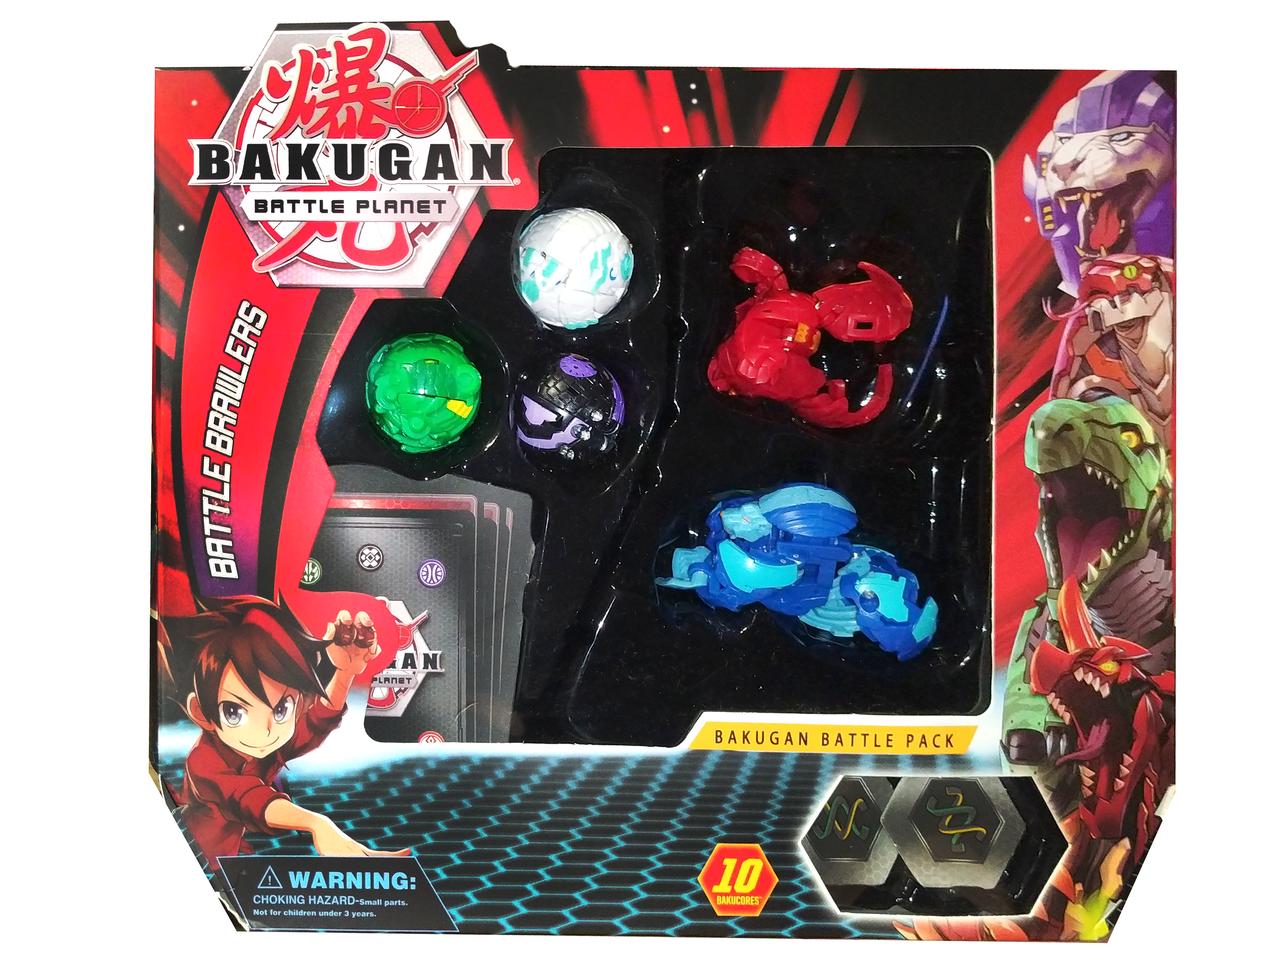 Игровой набор Bakugan Battle planet Фигурки трансформеры Бакуган 5шт Вид 1